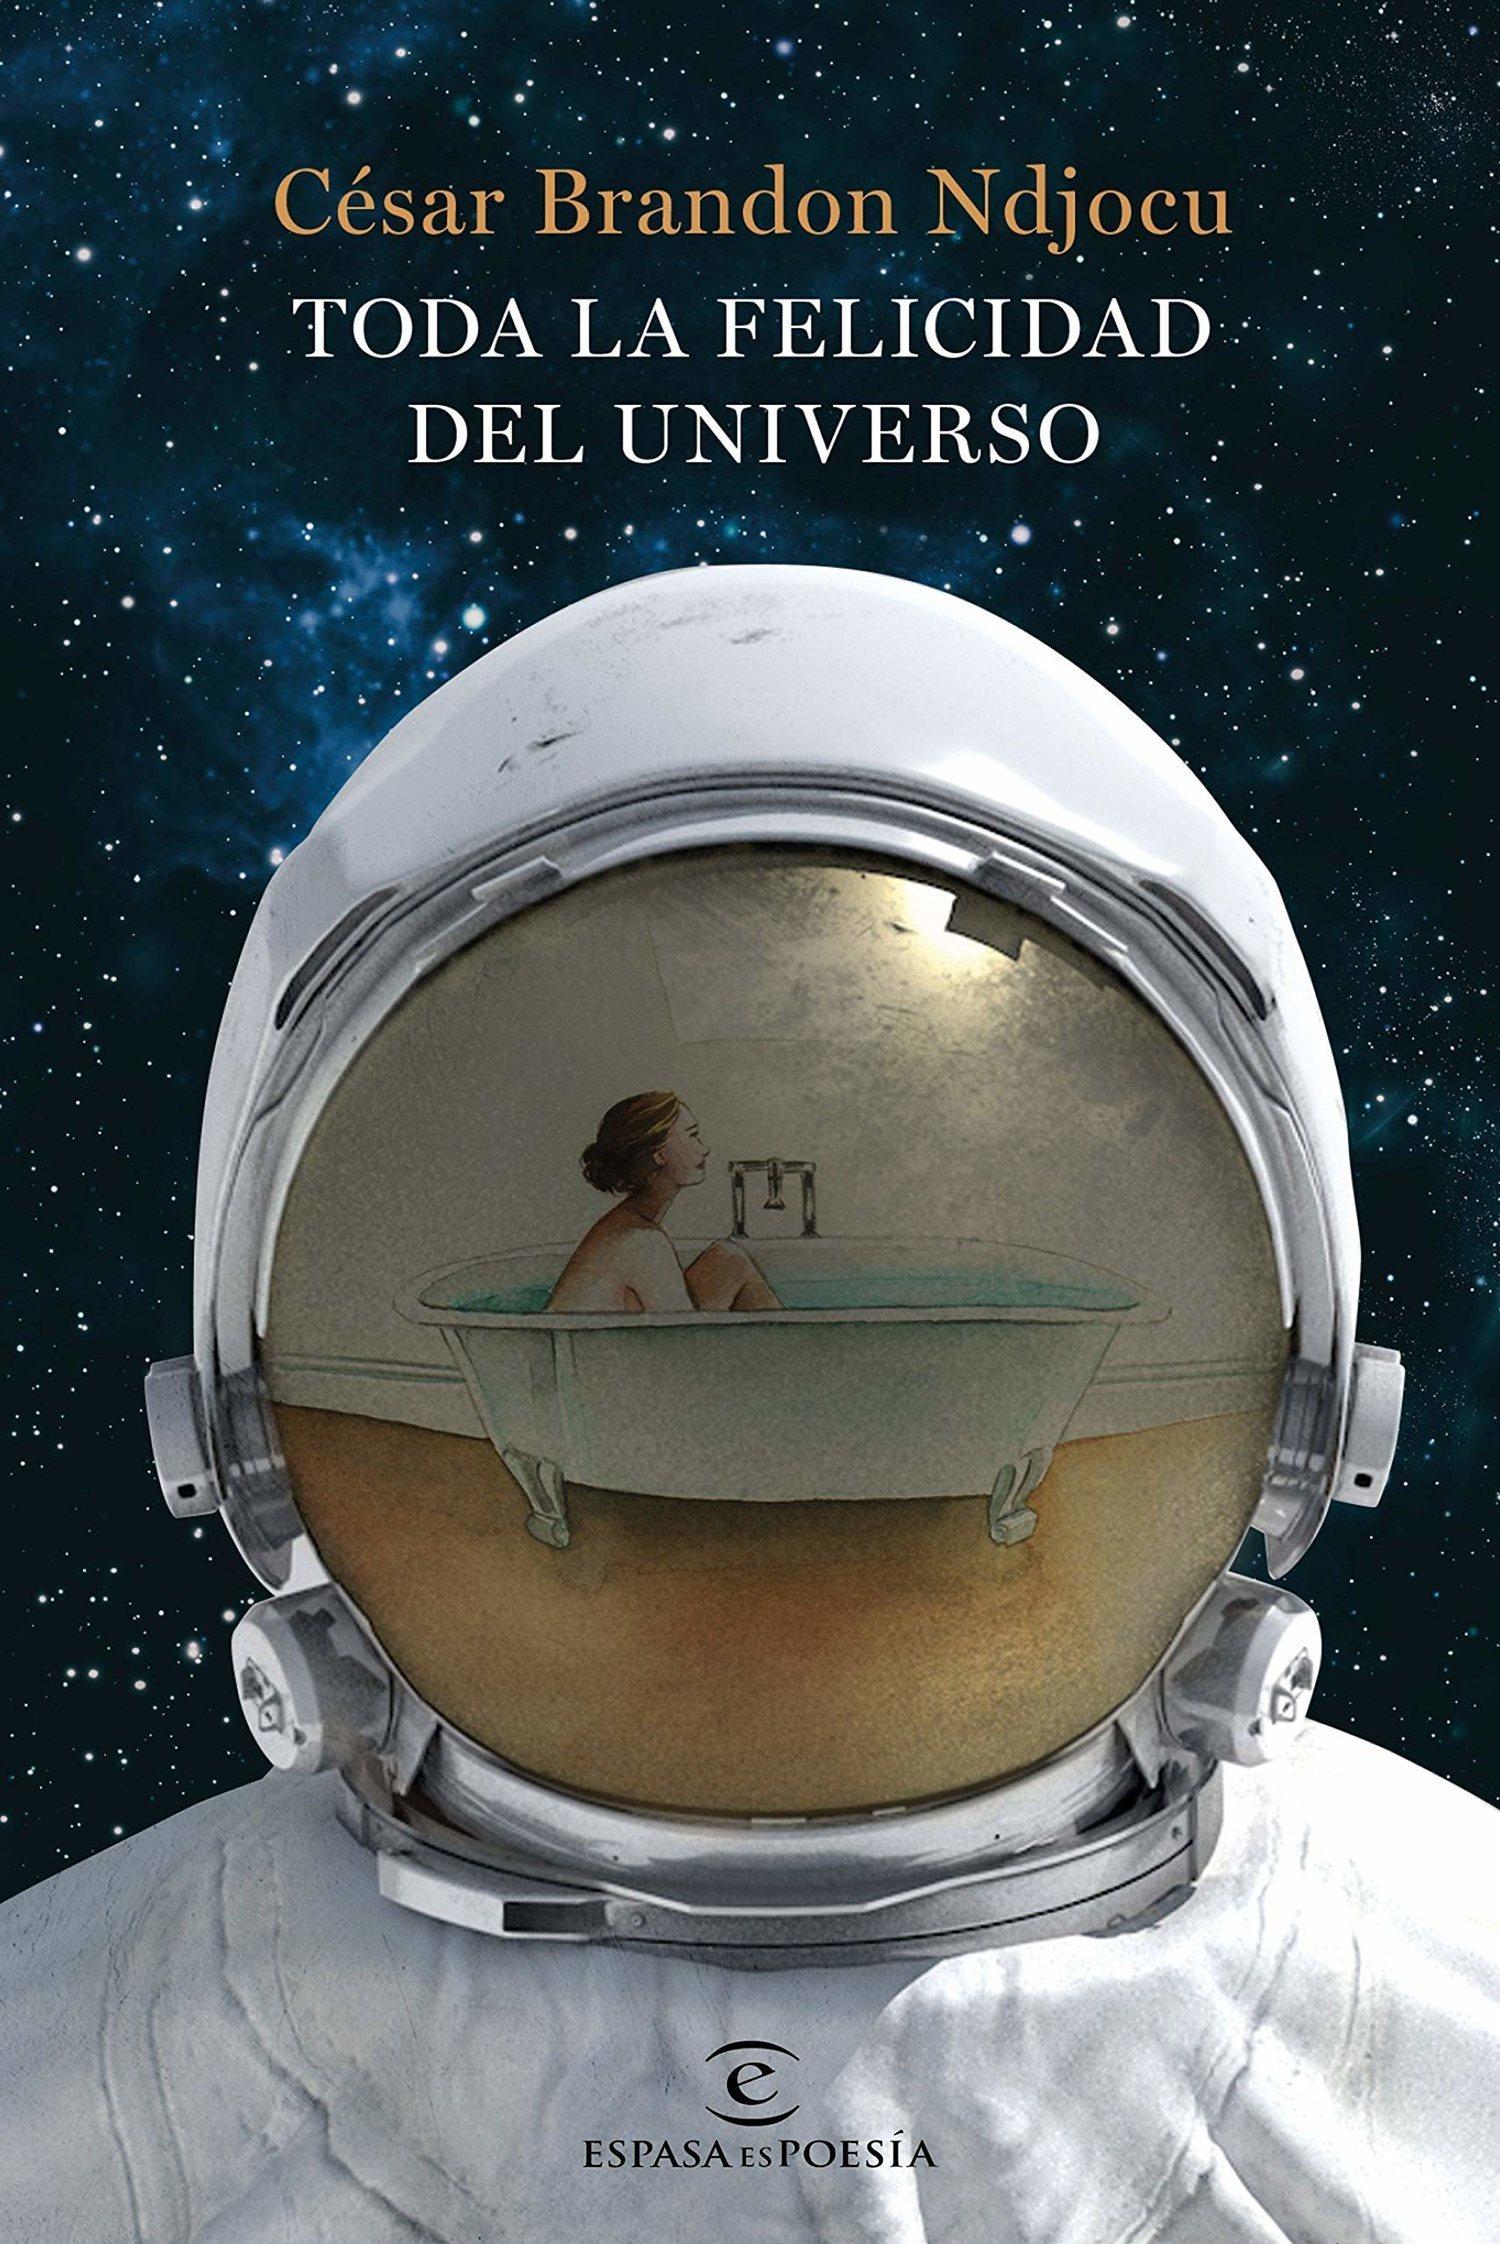 Toda la felicidad del universo de Cesar Brandon.